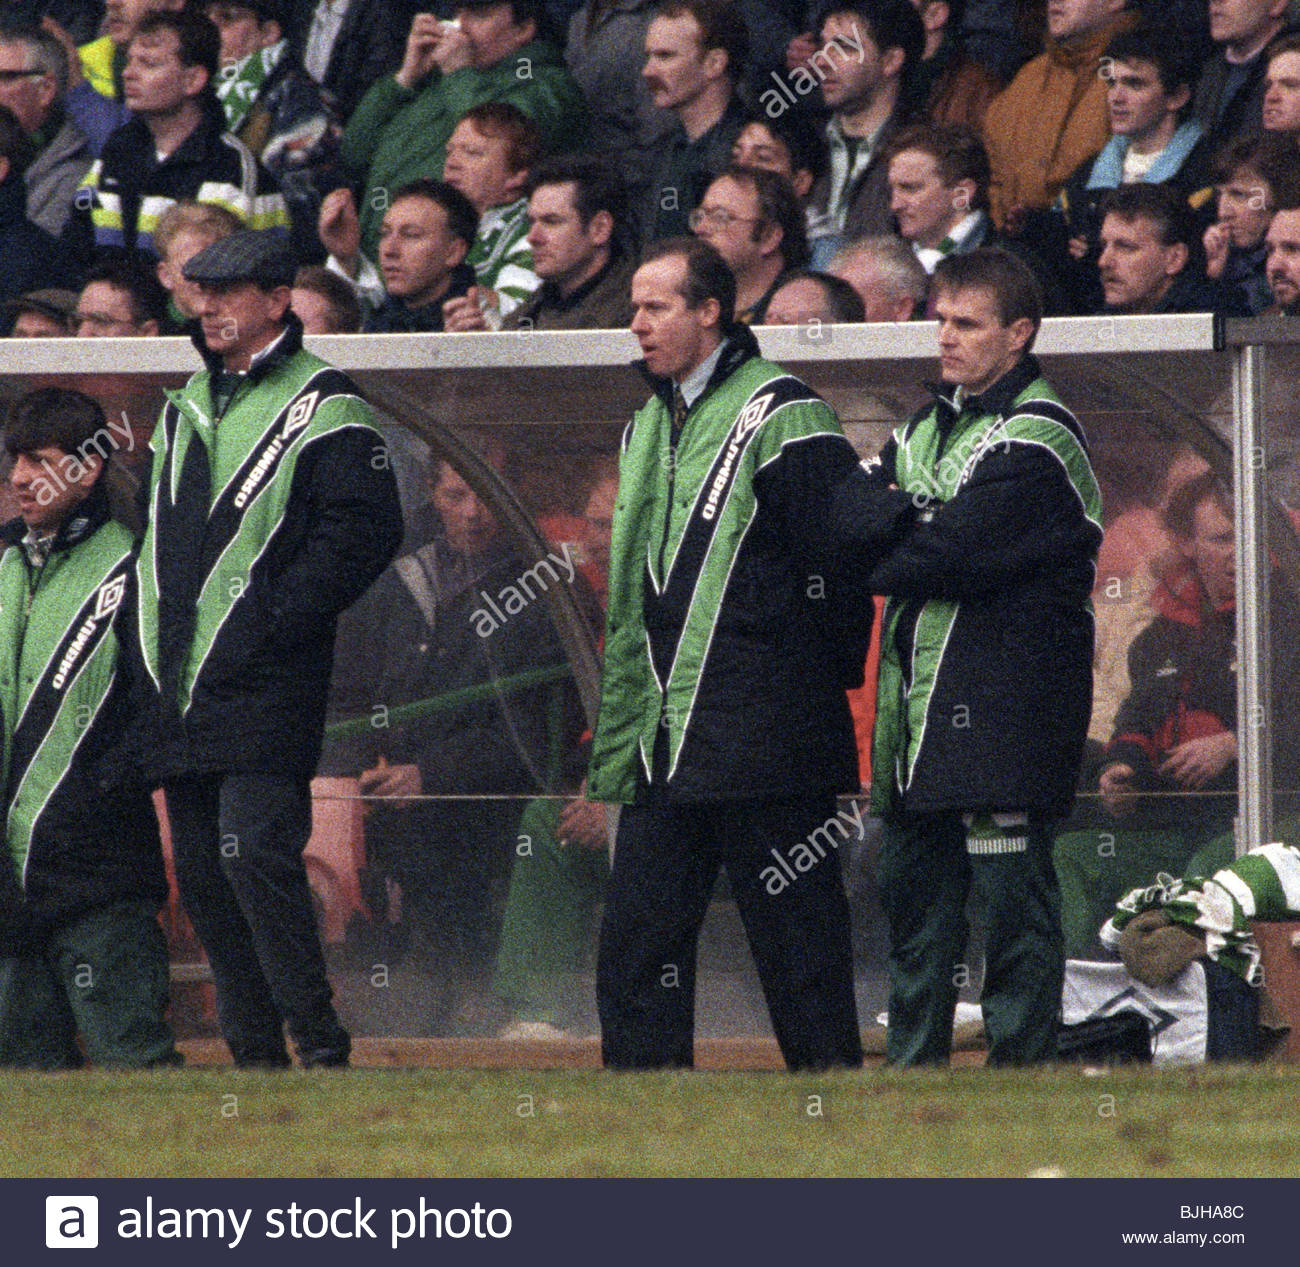 20/03/93 PREMIER DIVISION CELTIC V RANGERS (2-1) CELTIC PARK - GLASGOW Celtic manager Liam Brady (centre) watches - Stock Image